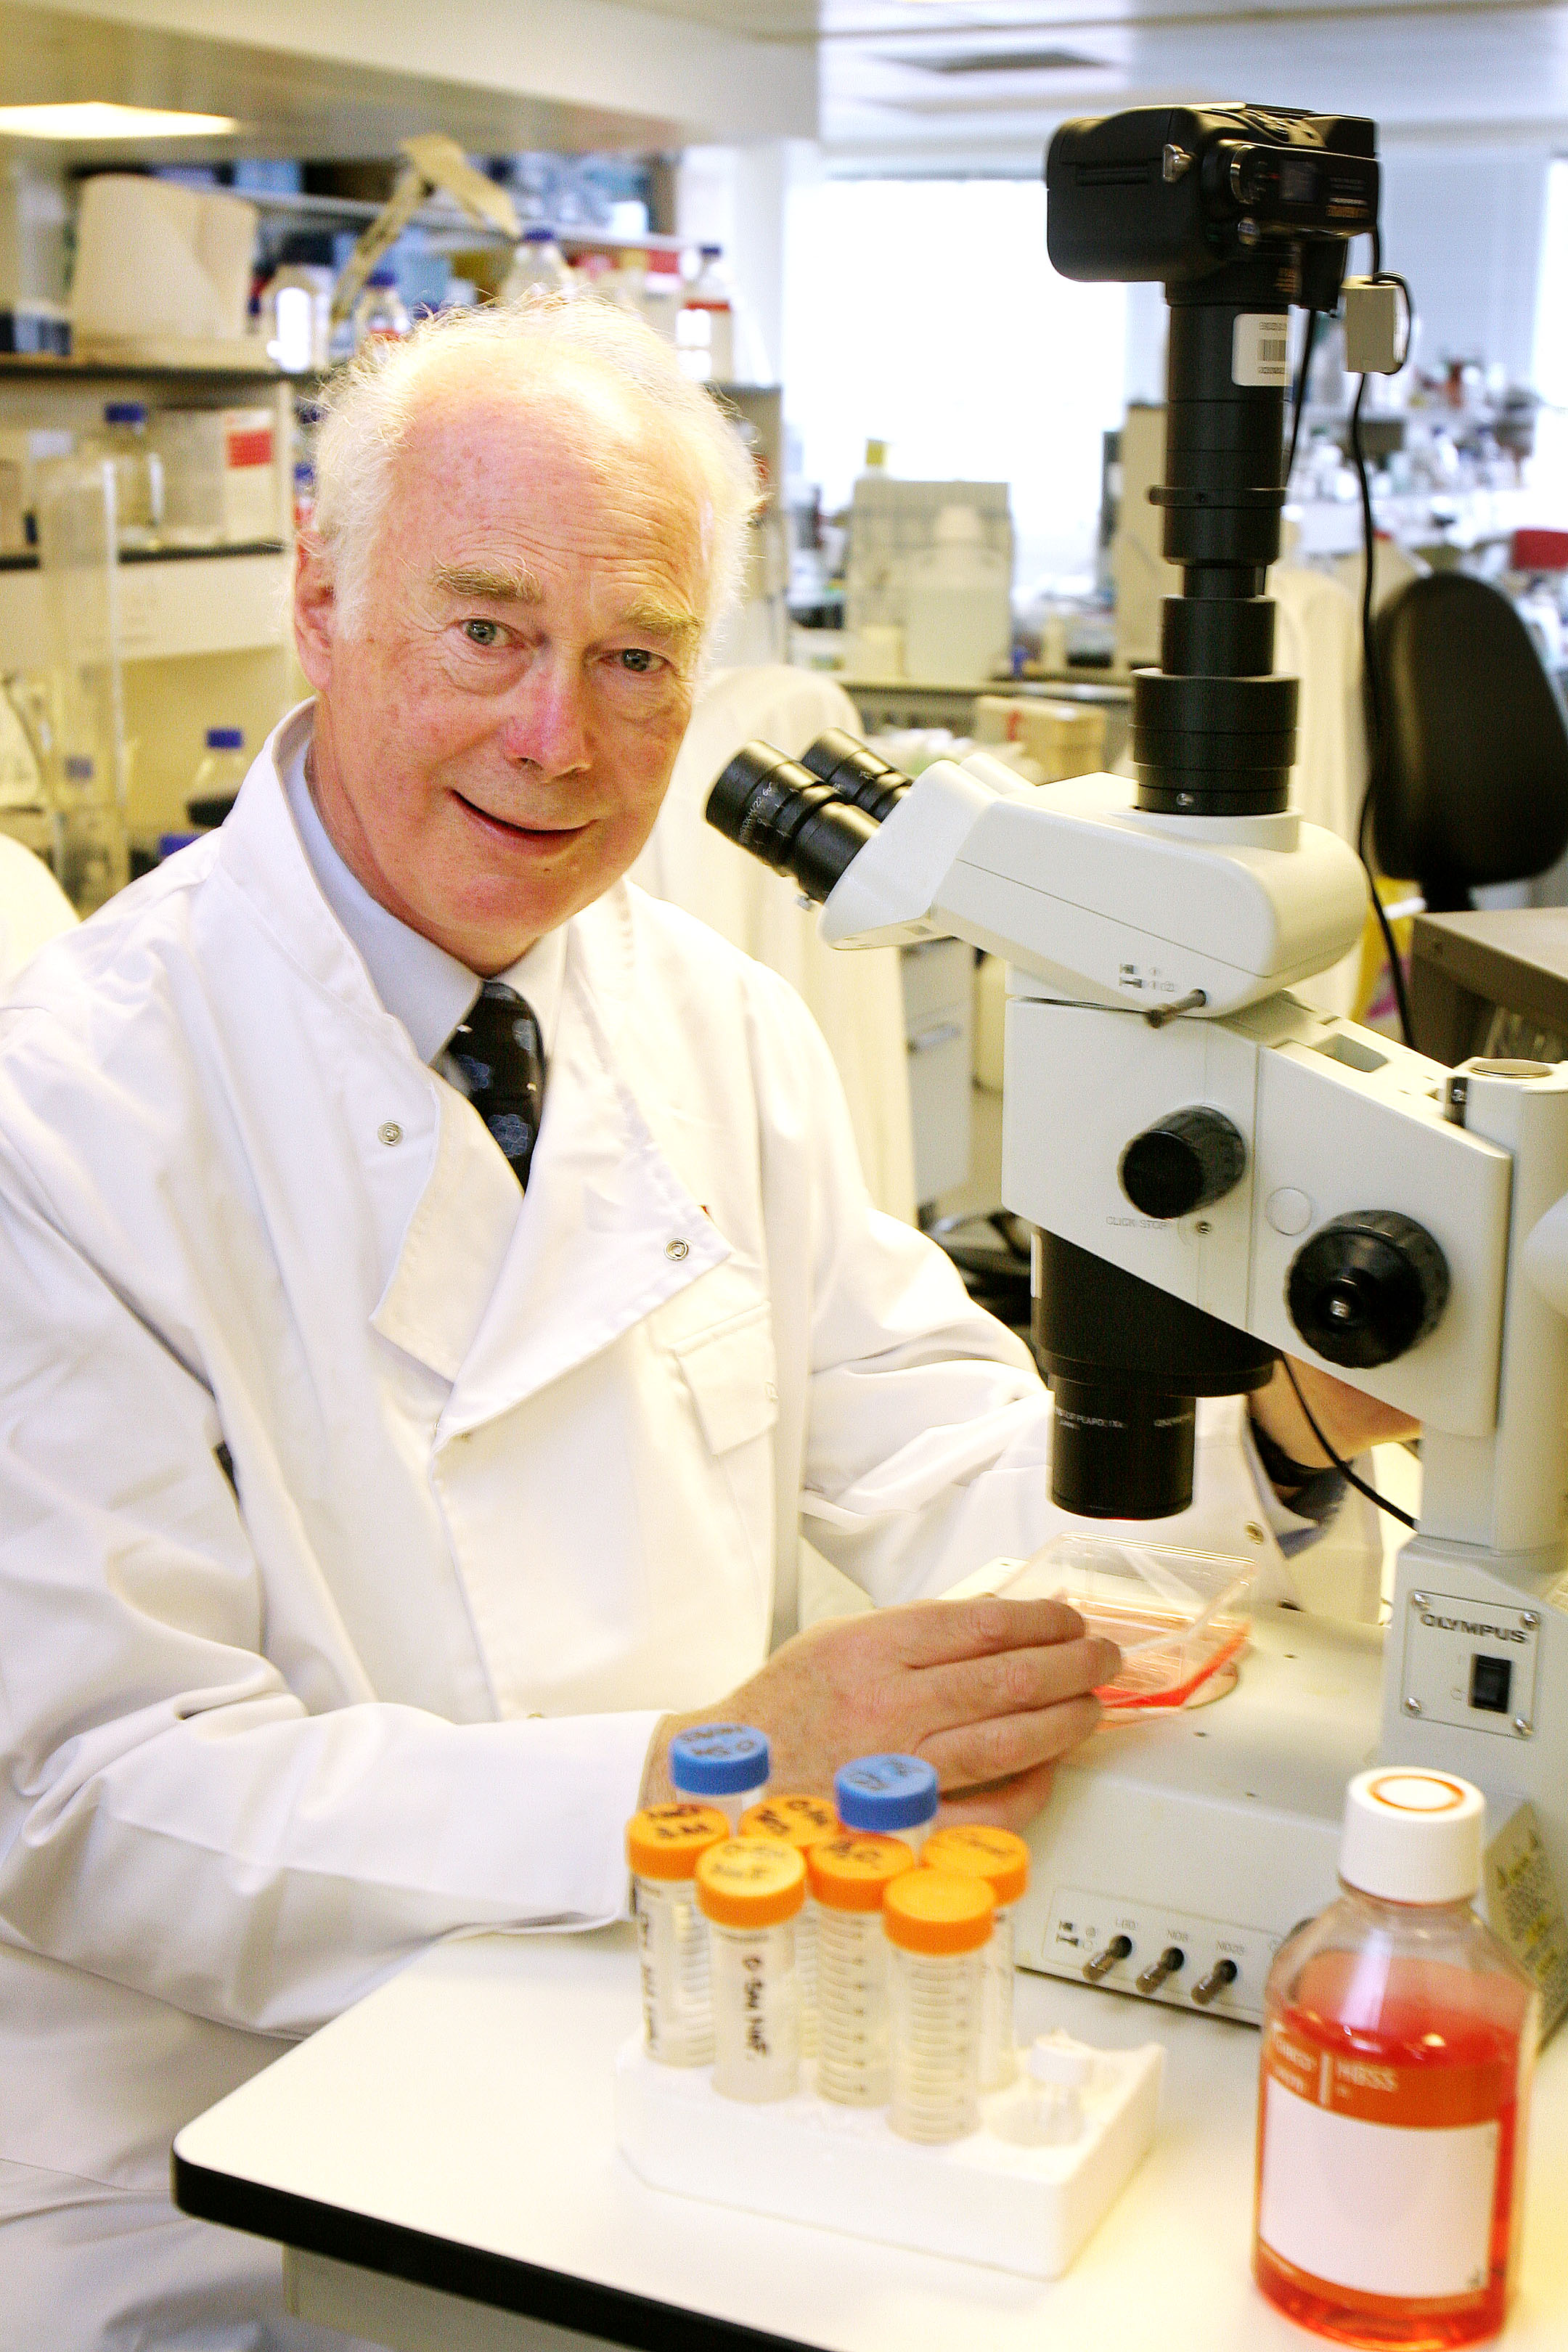 Evans in October 2007